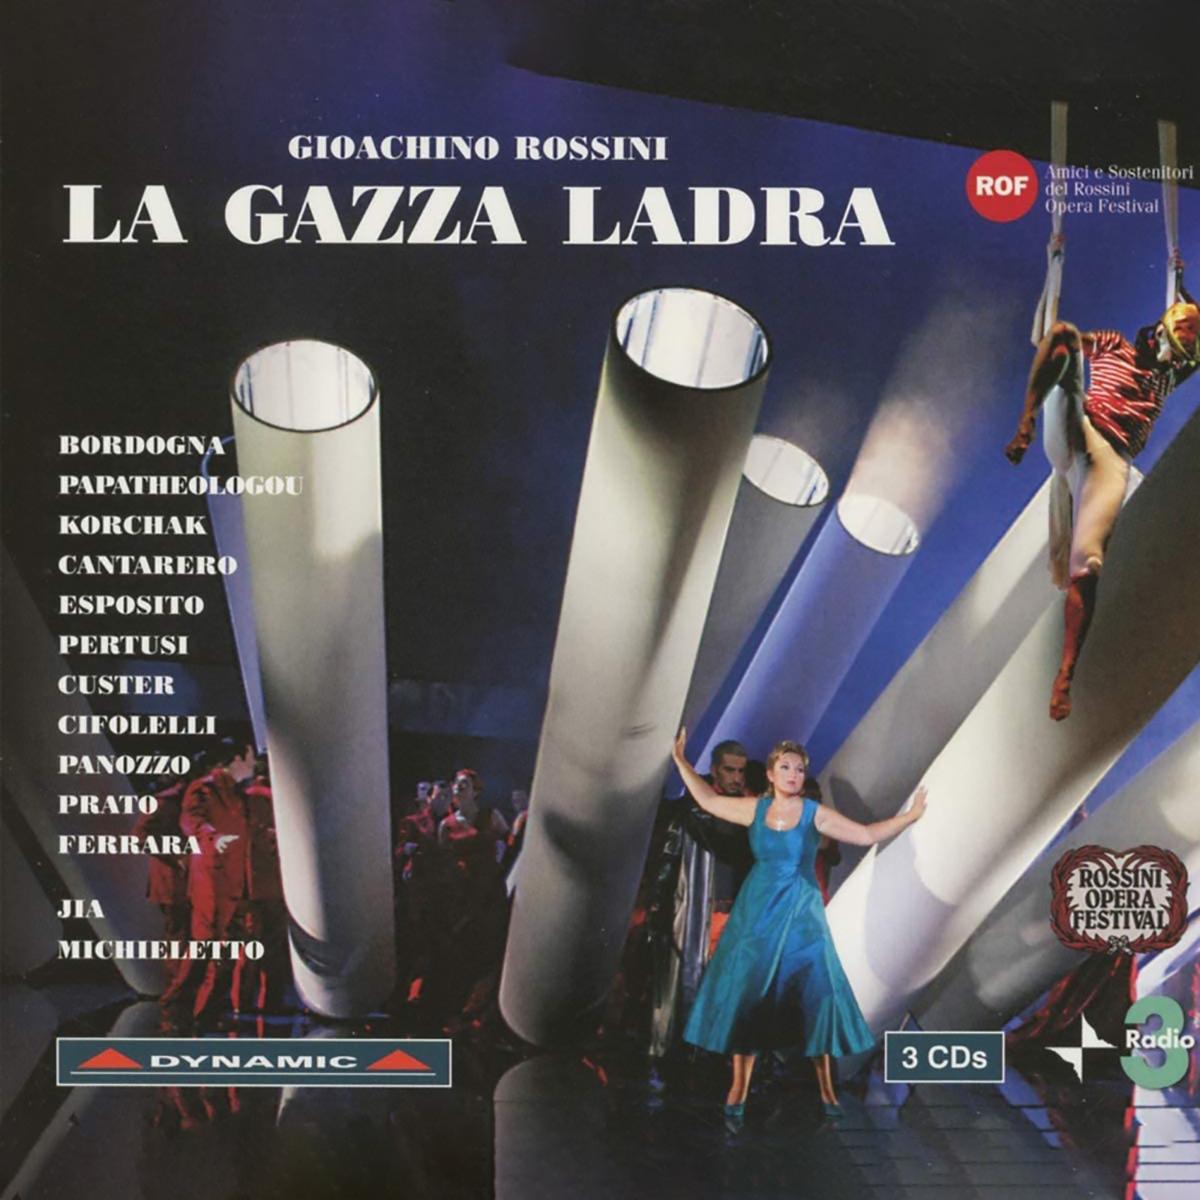 Gioachino Rossini - La gazza ladra